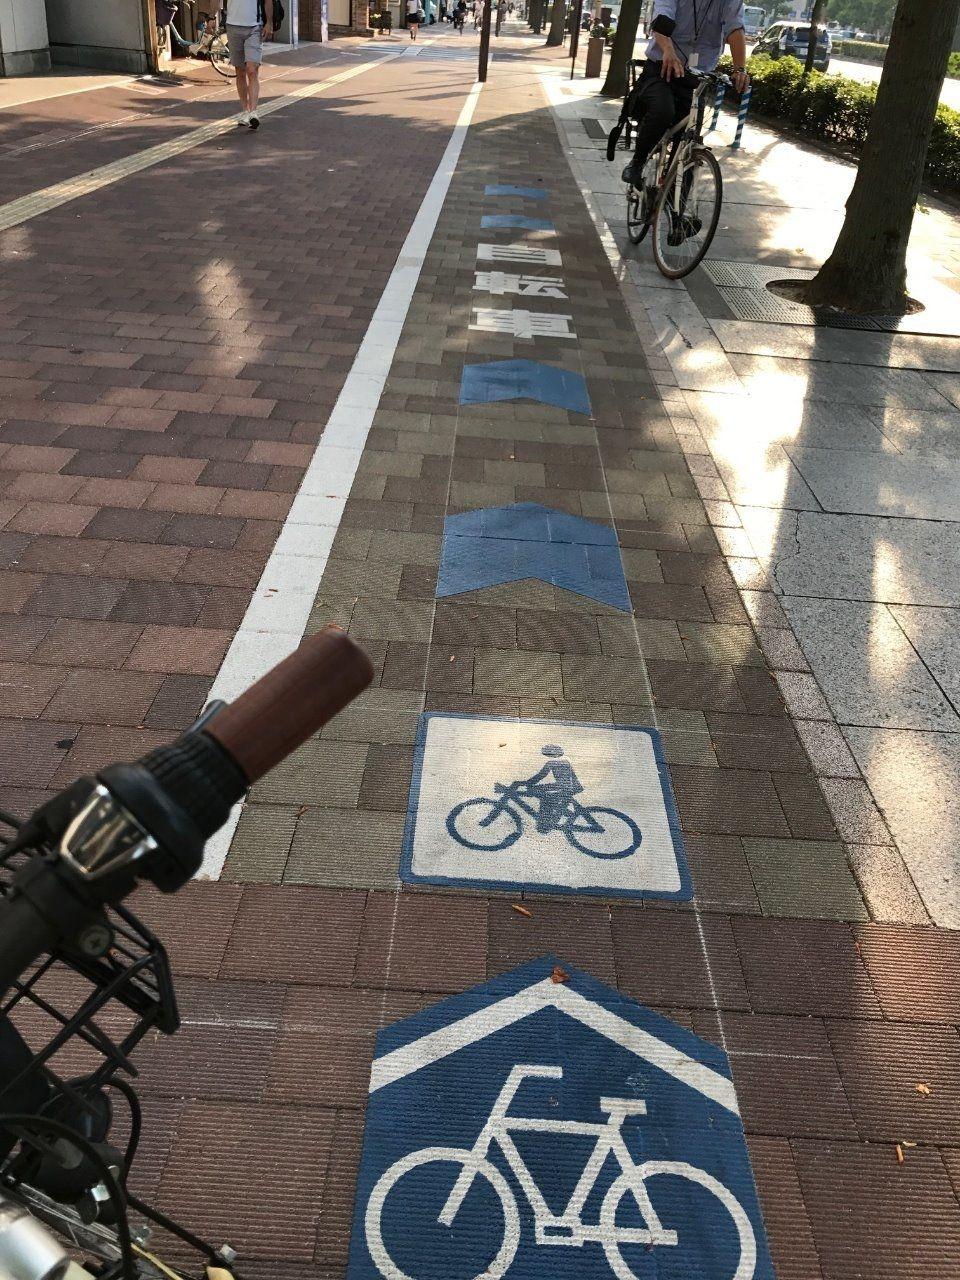 桃太郎大通り 岡山駅に向かい左(南)歩道